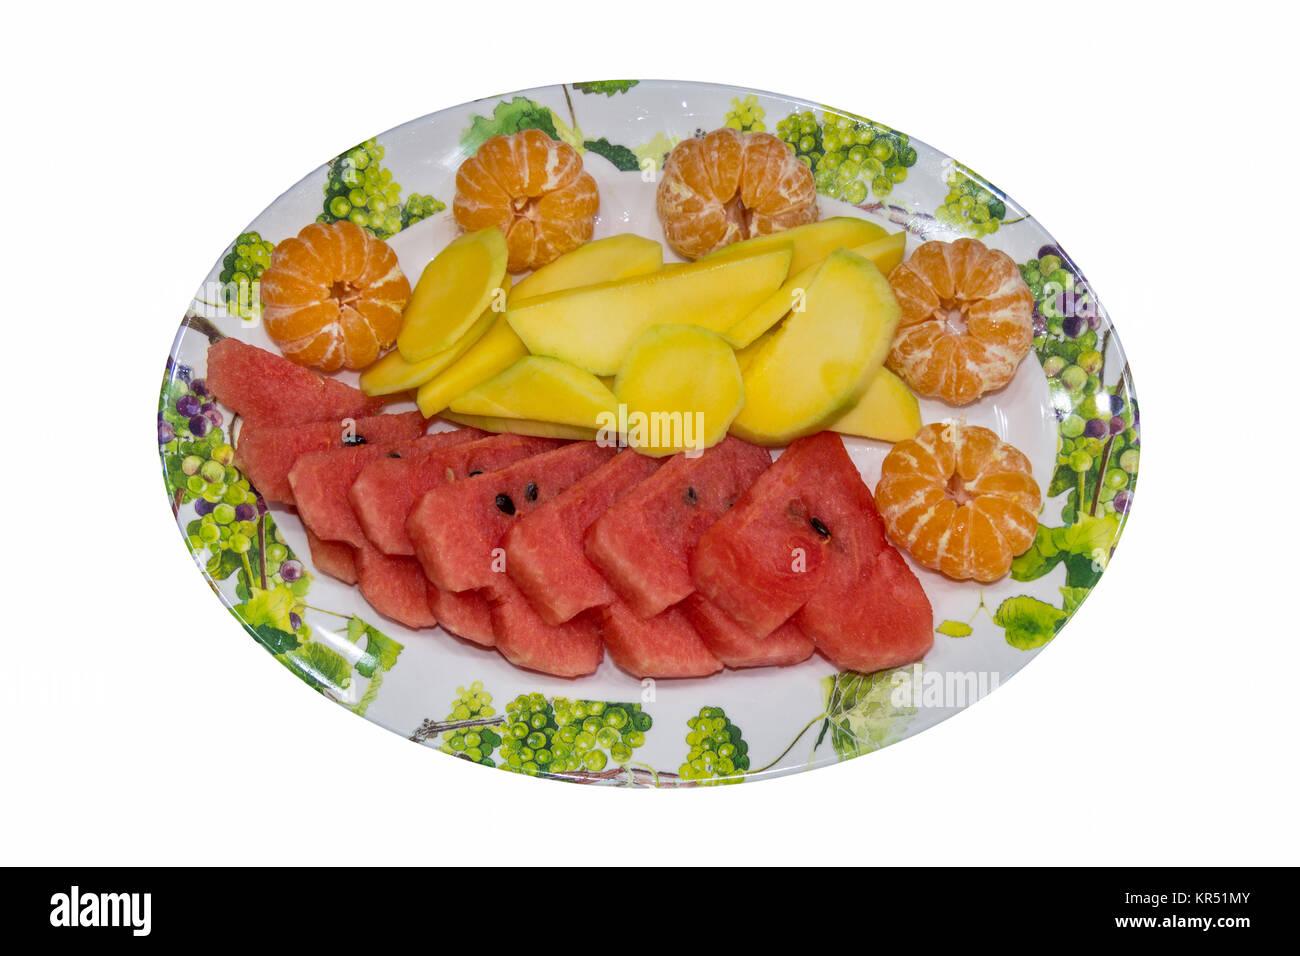 Plate of fruit - mandarins, mango, water melon isolated on white background - Stock Image